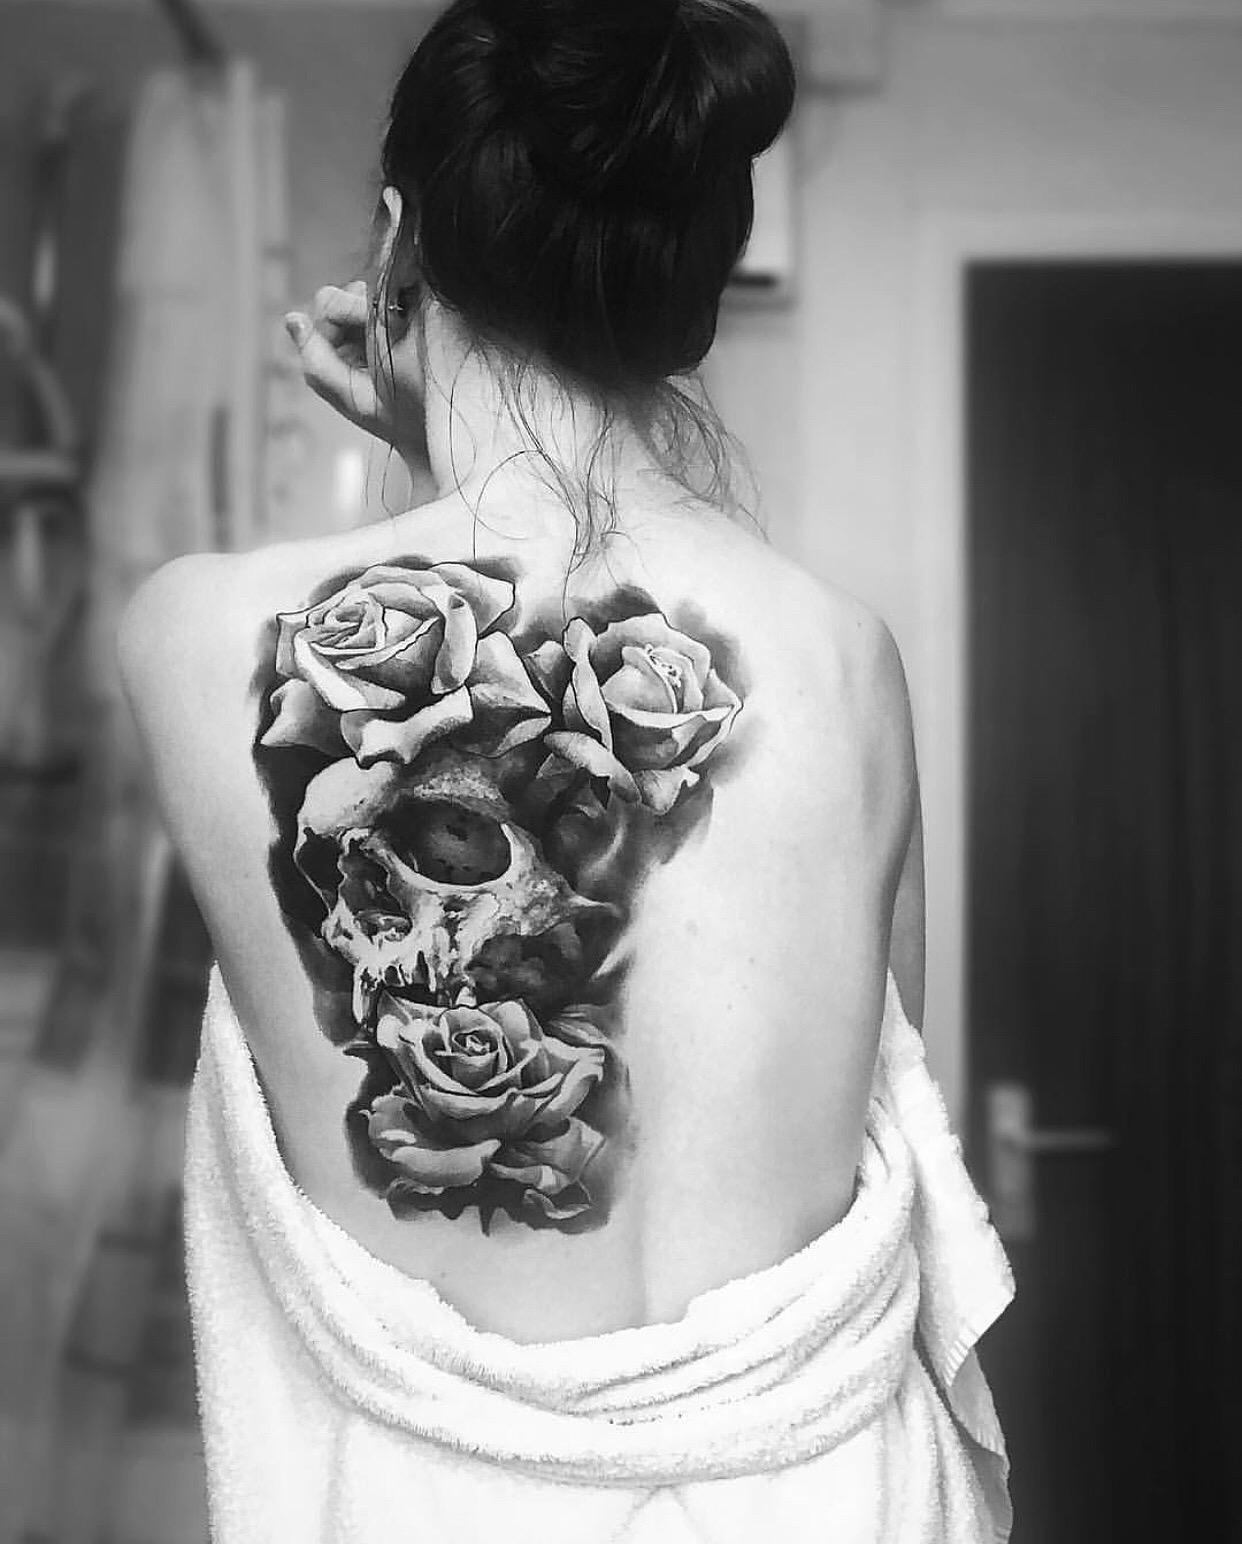 For Shanice by Radu Rusu